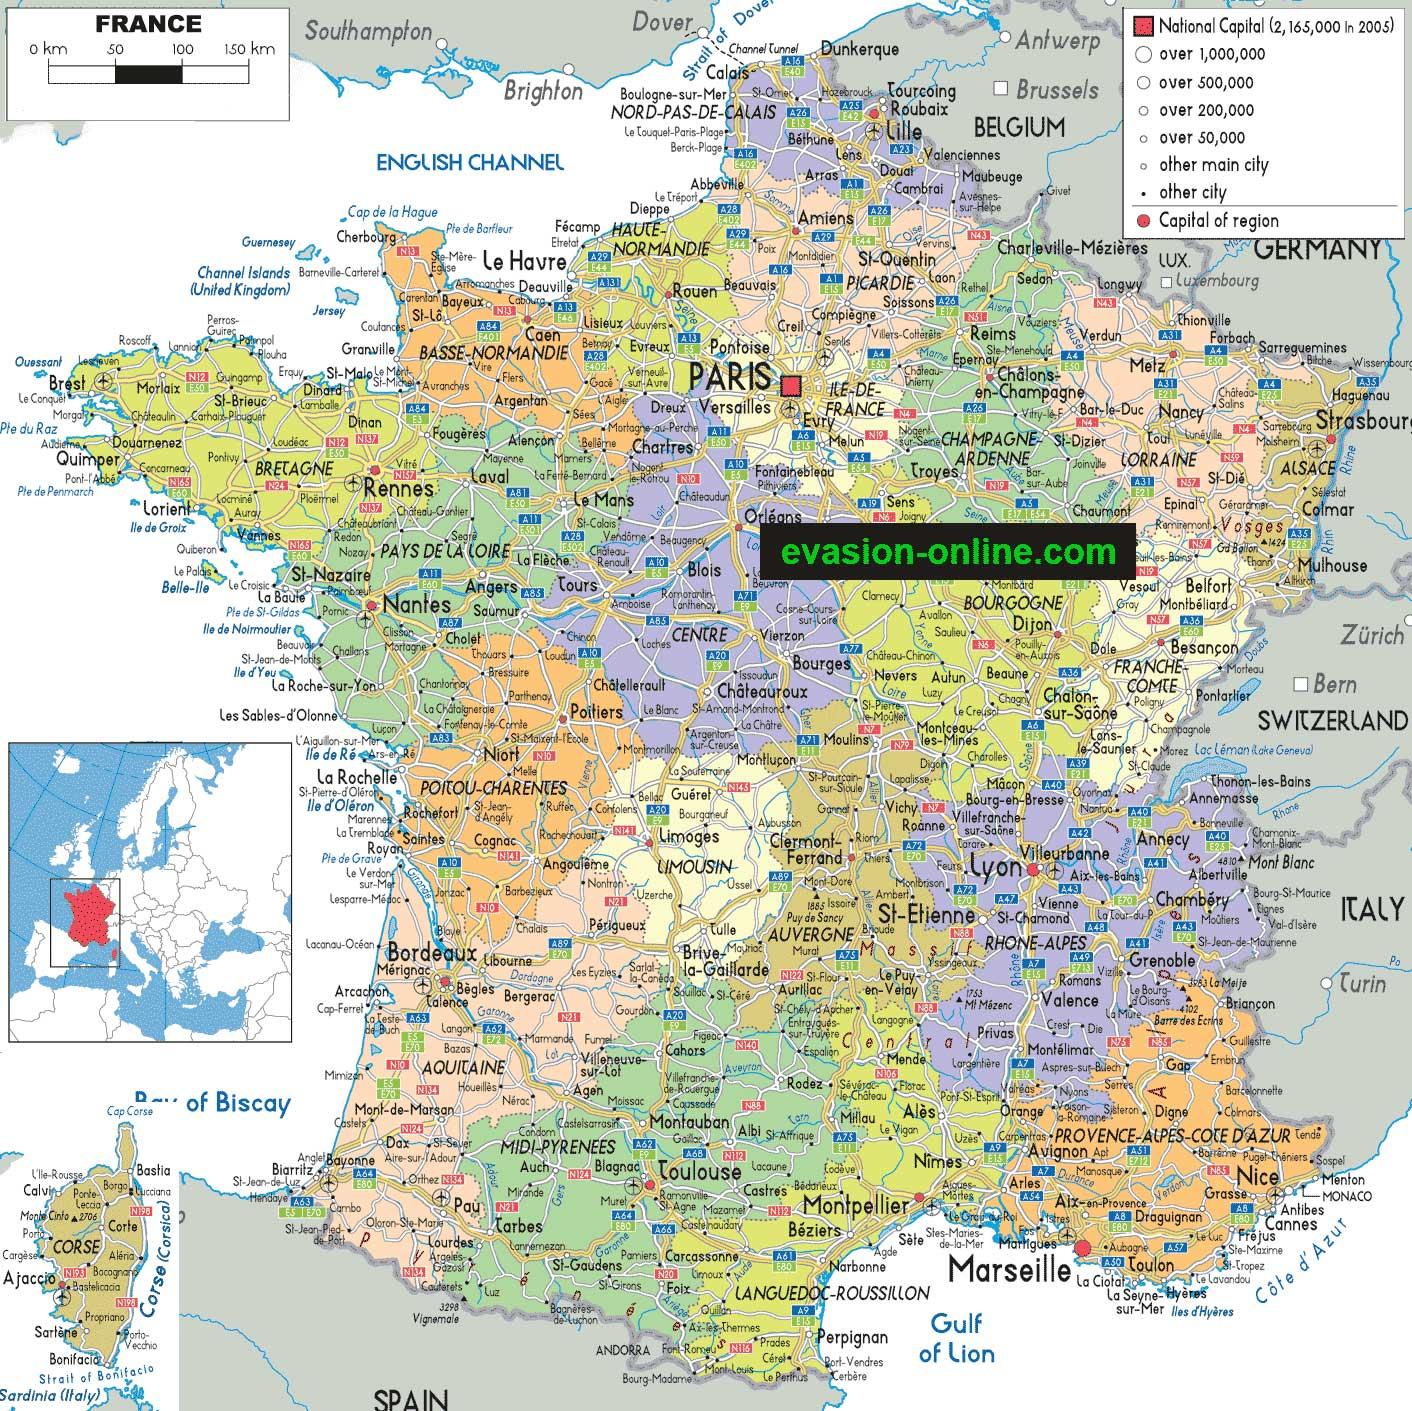 La Carte De France Avec Ses Régions » Vacances - Arts tout Carte De France Et Ses Régions